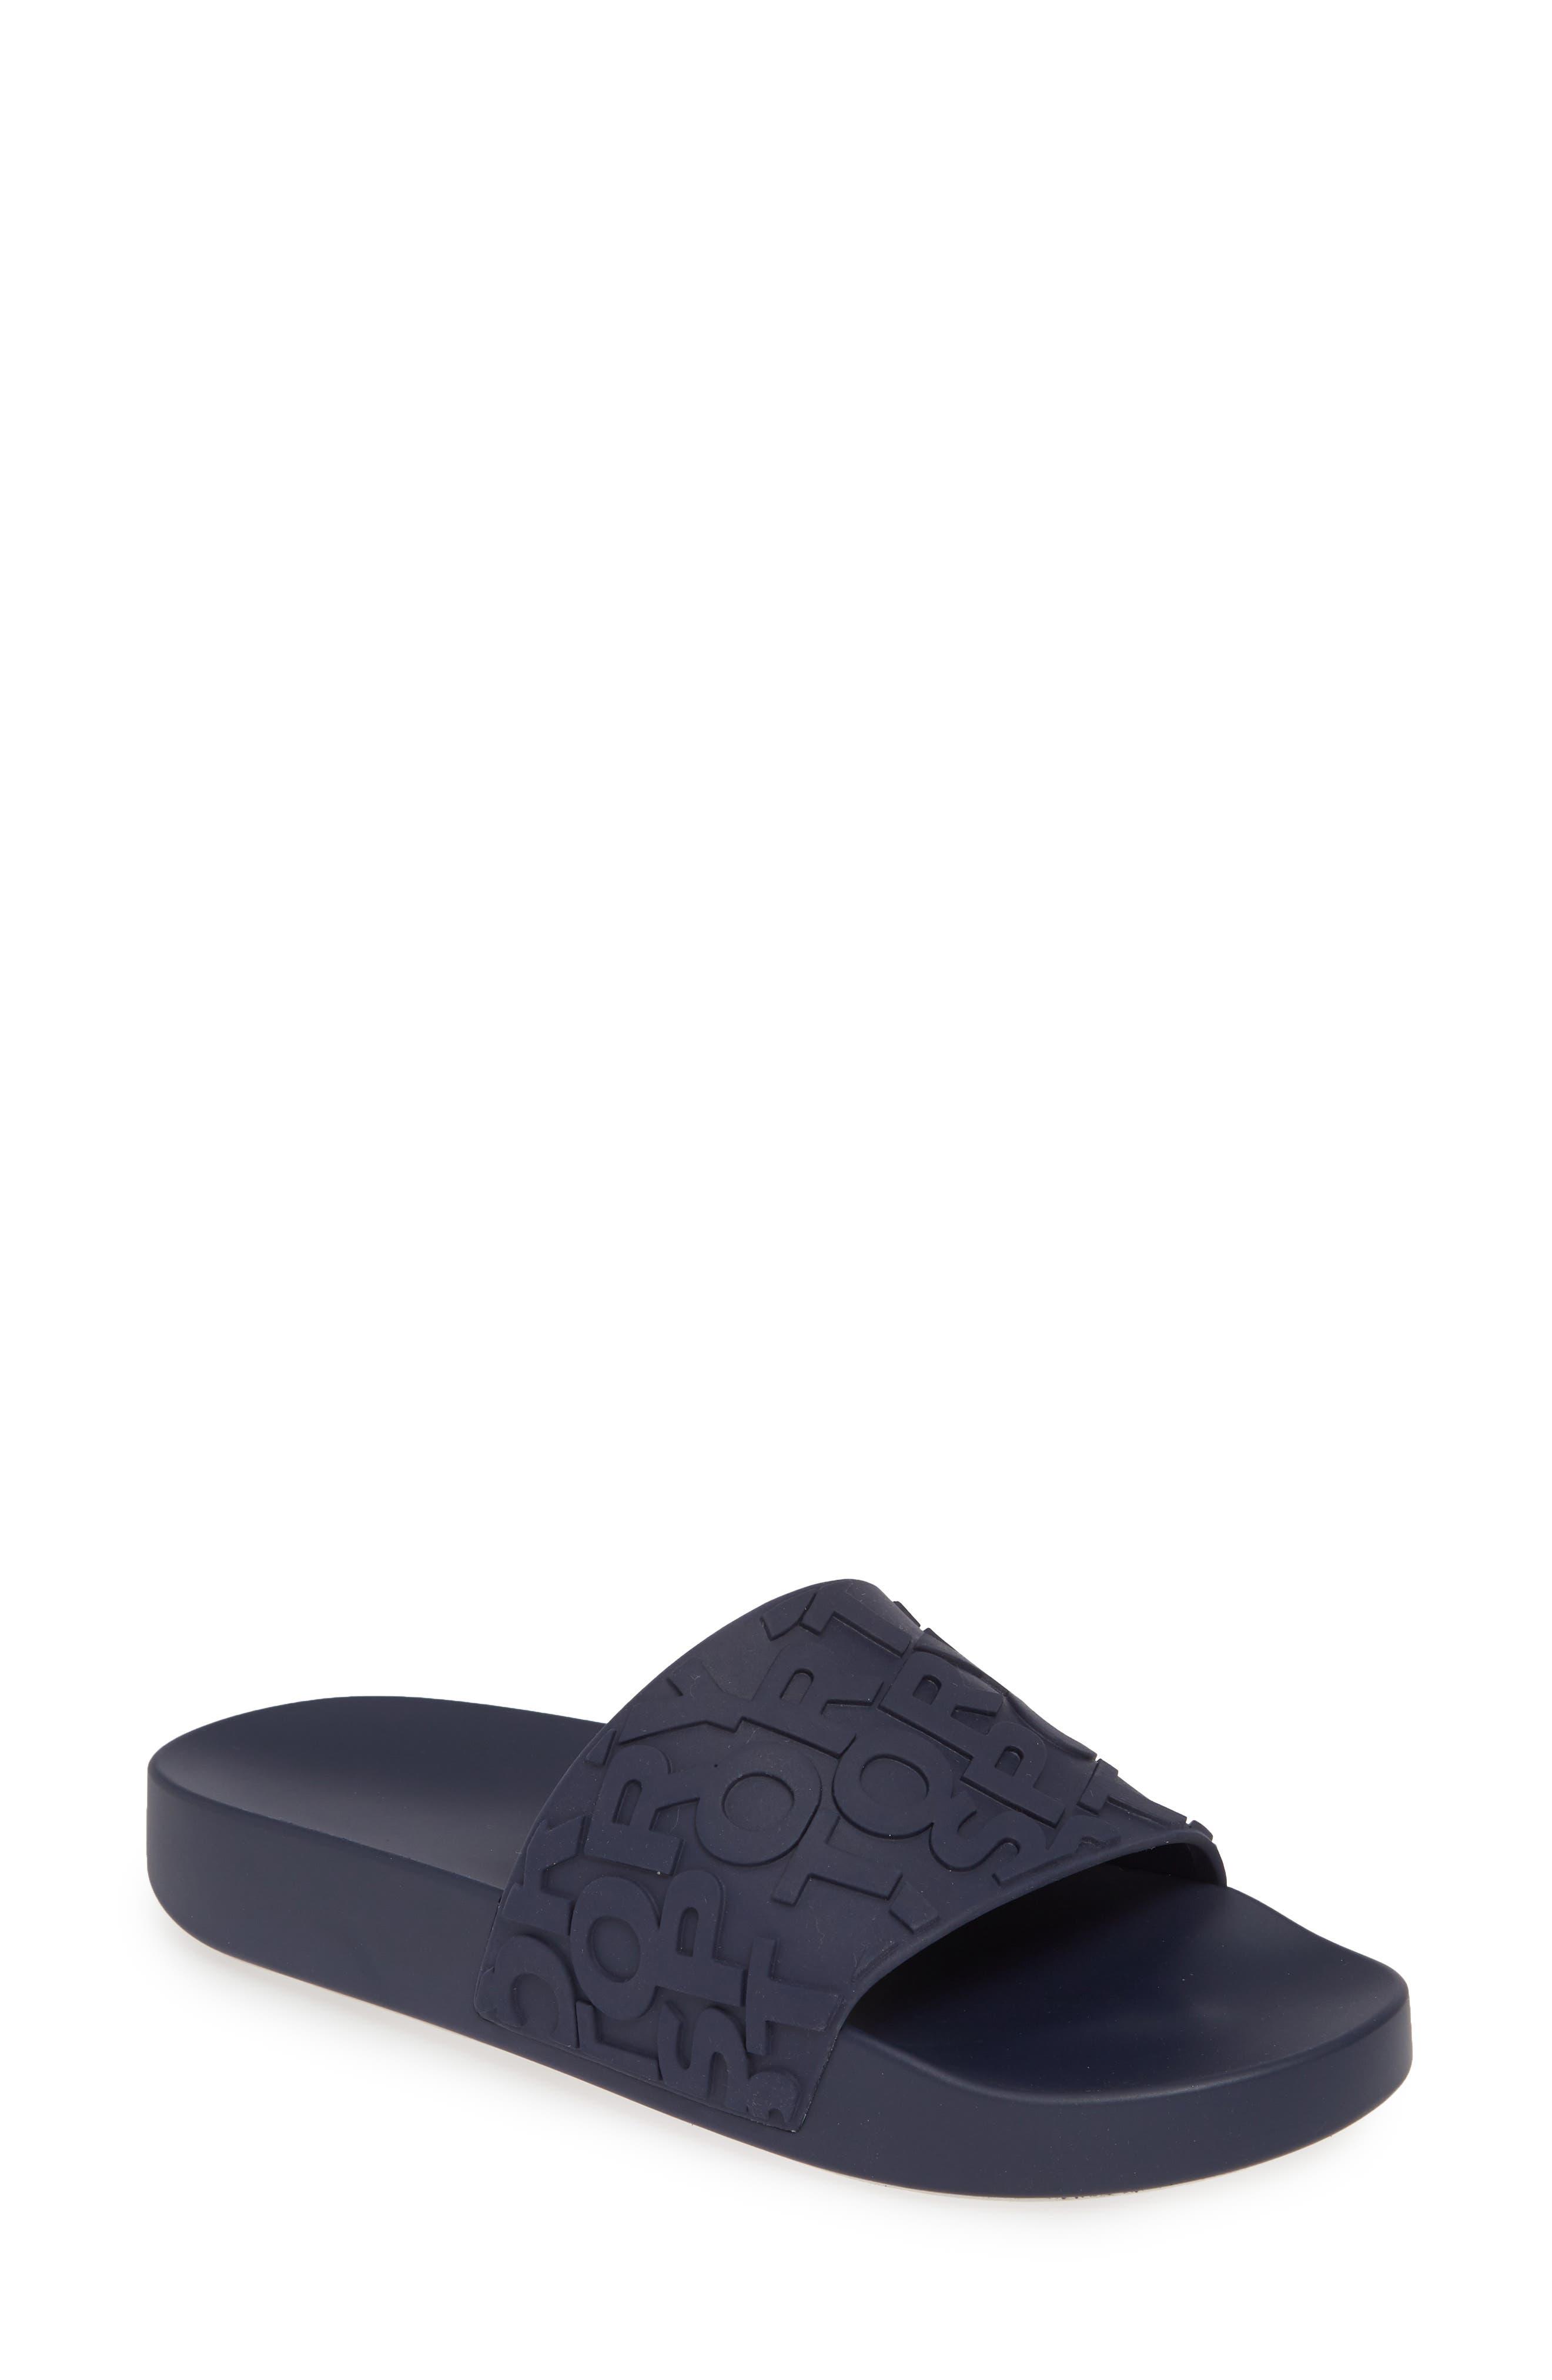 Tory Burch Embossed Logo Slide Sandal (Women)